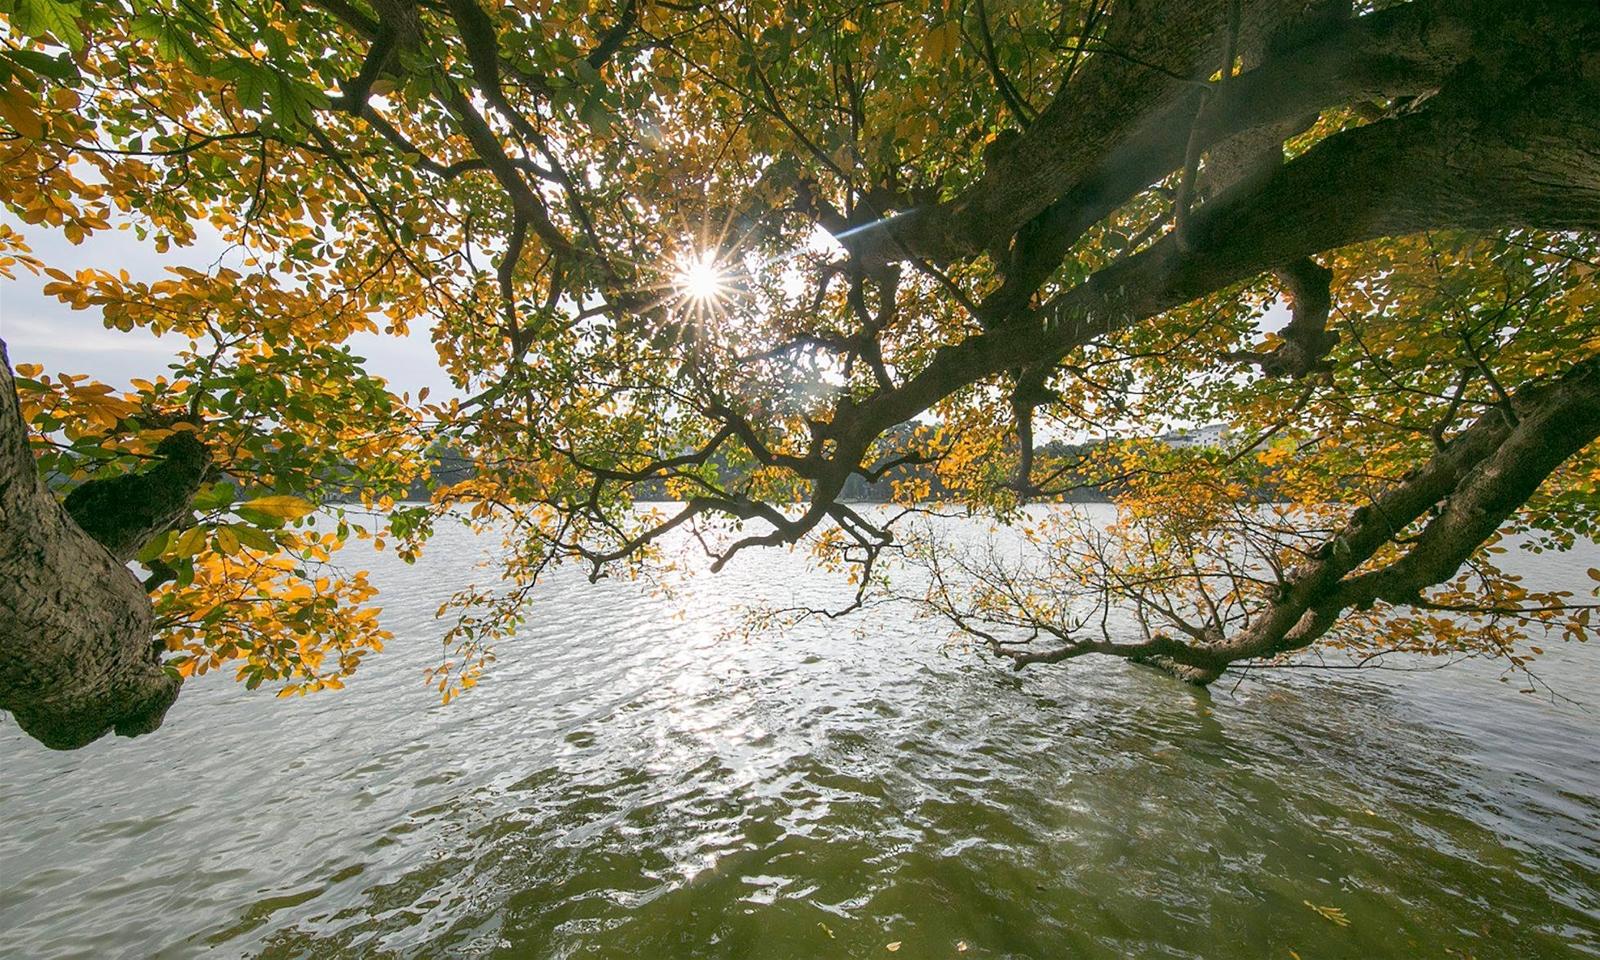 Lộc Vừng sà xuống bóng nước Hồ Gươm. Ảnh: Fb Đinh Nhu Cam Tuynh